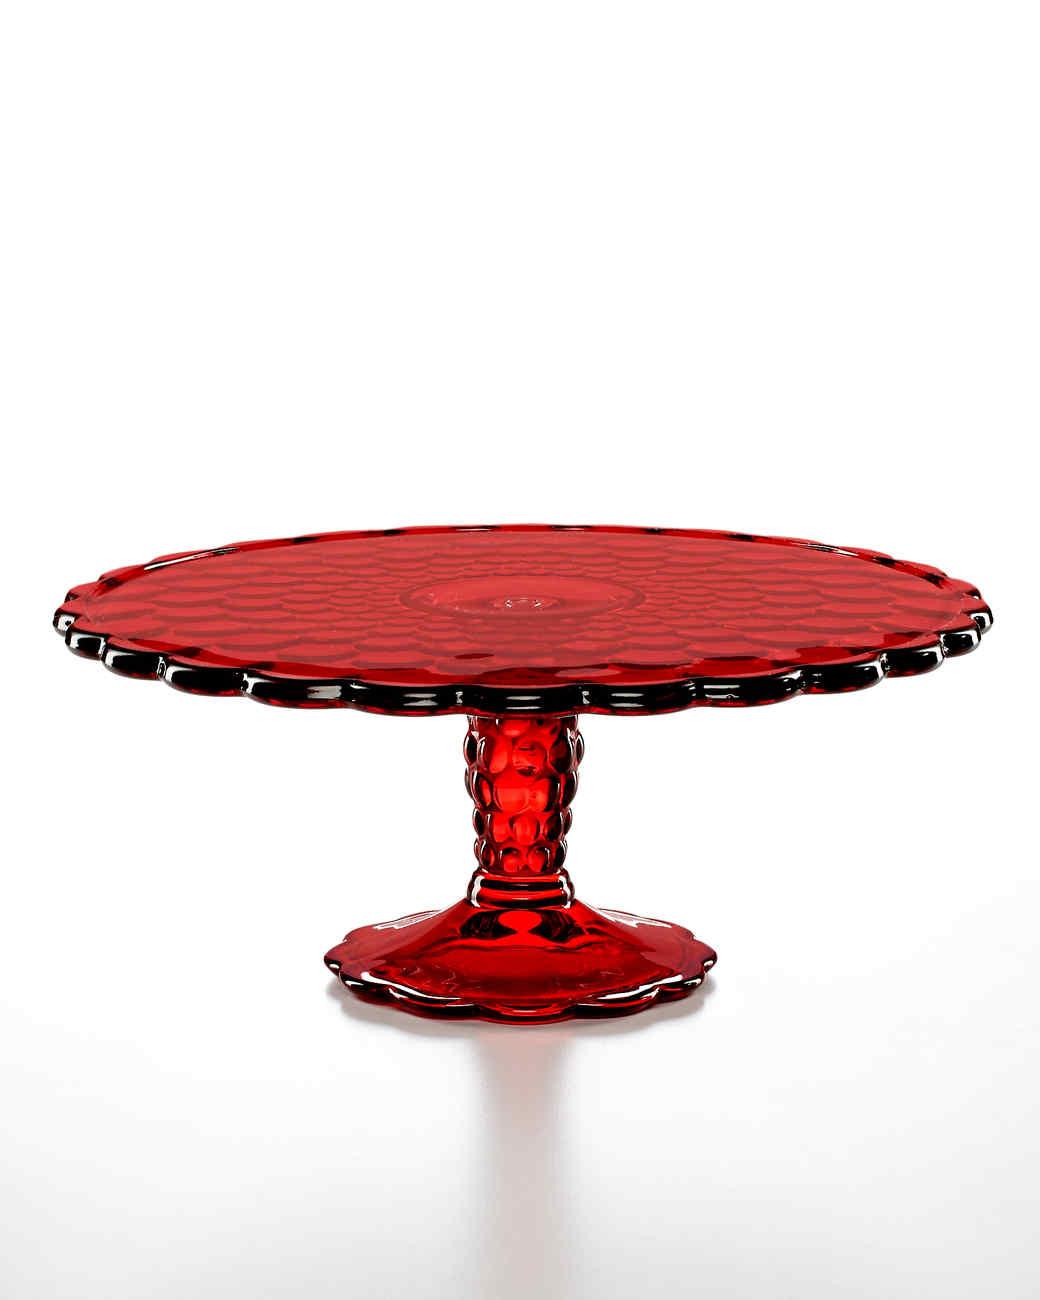 msmacys-red-glass-cakestand-mrkt-1013.jpg